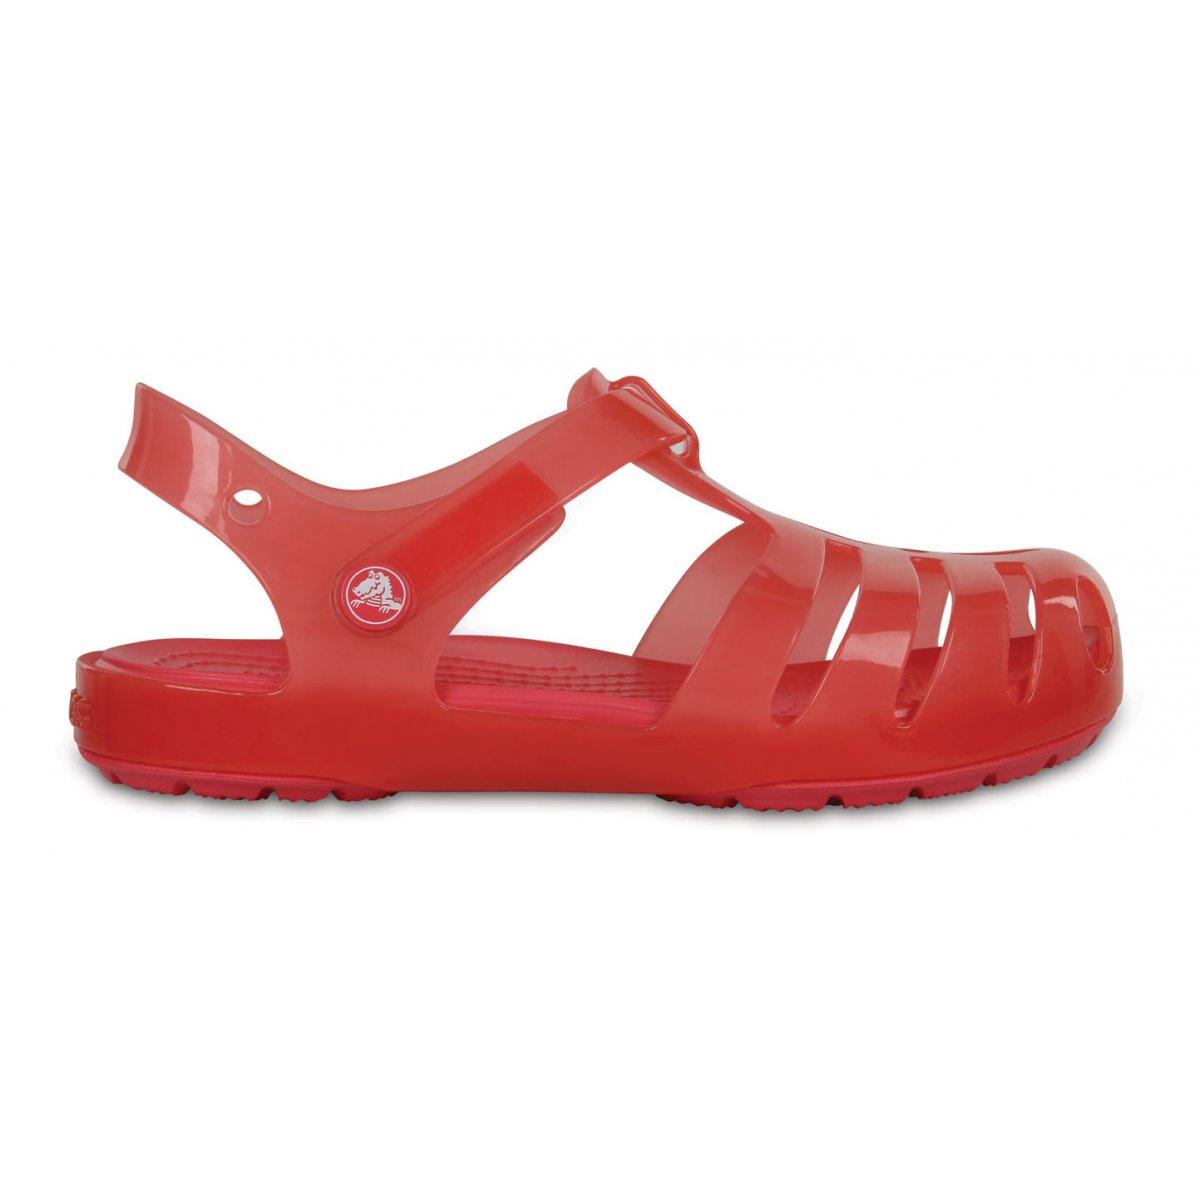 Crocs Sandali Crocs Isabella Sandal Ps Crocs 0s189F